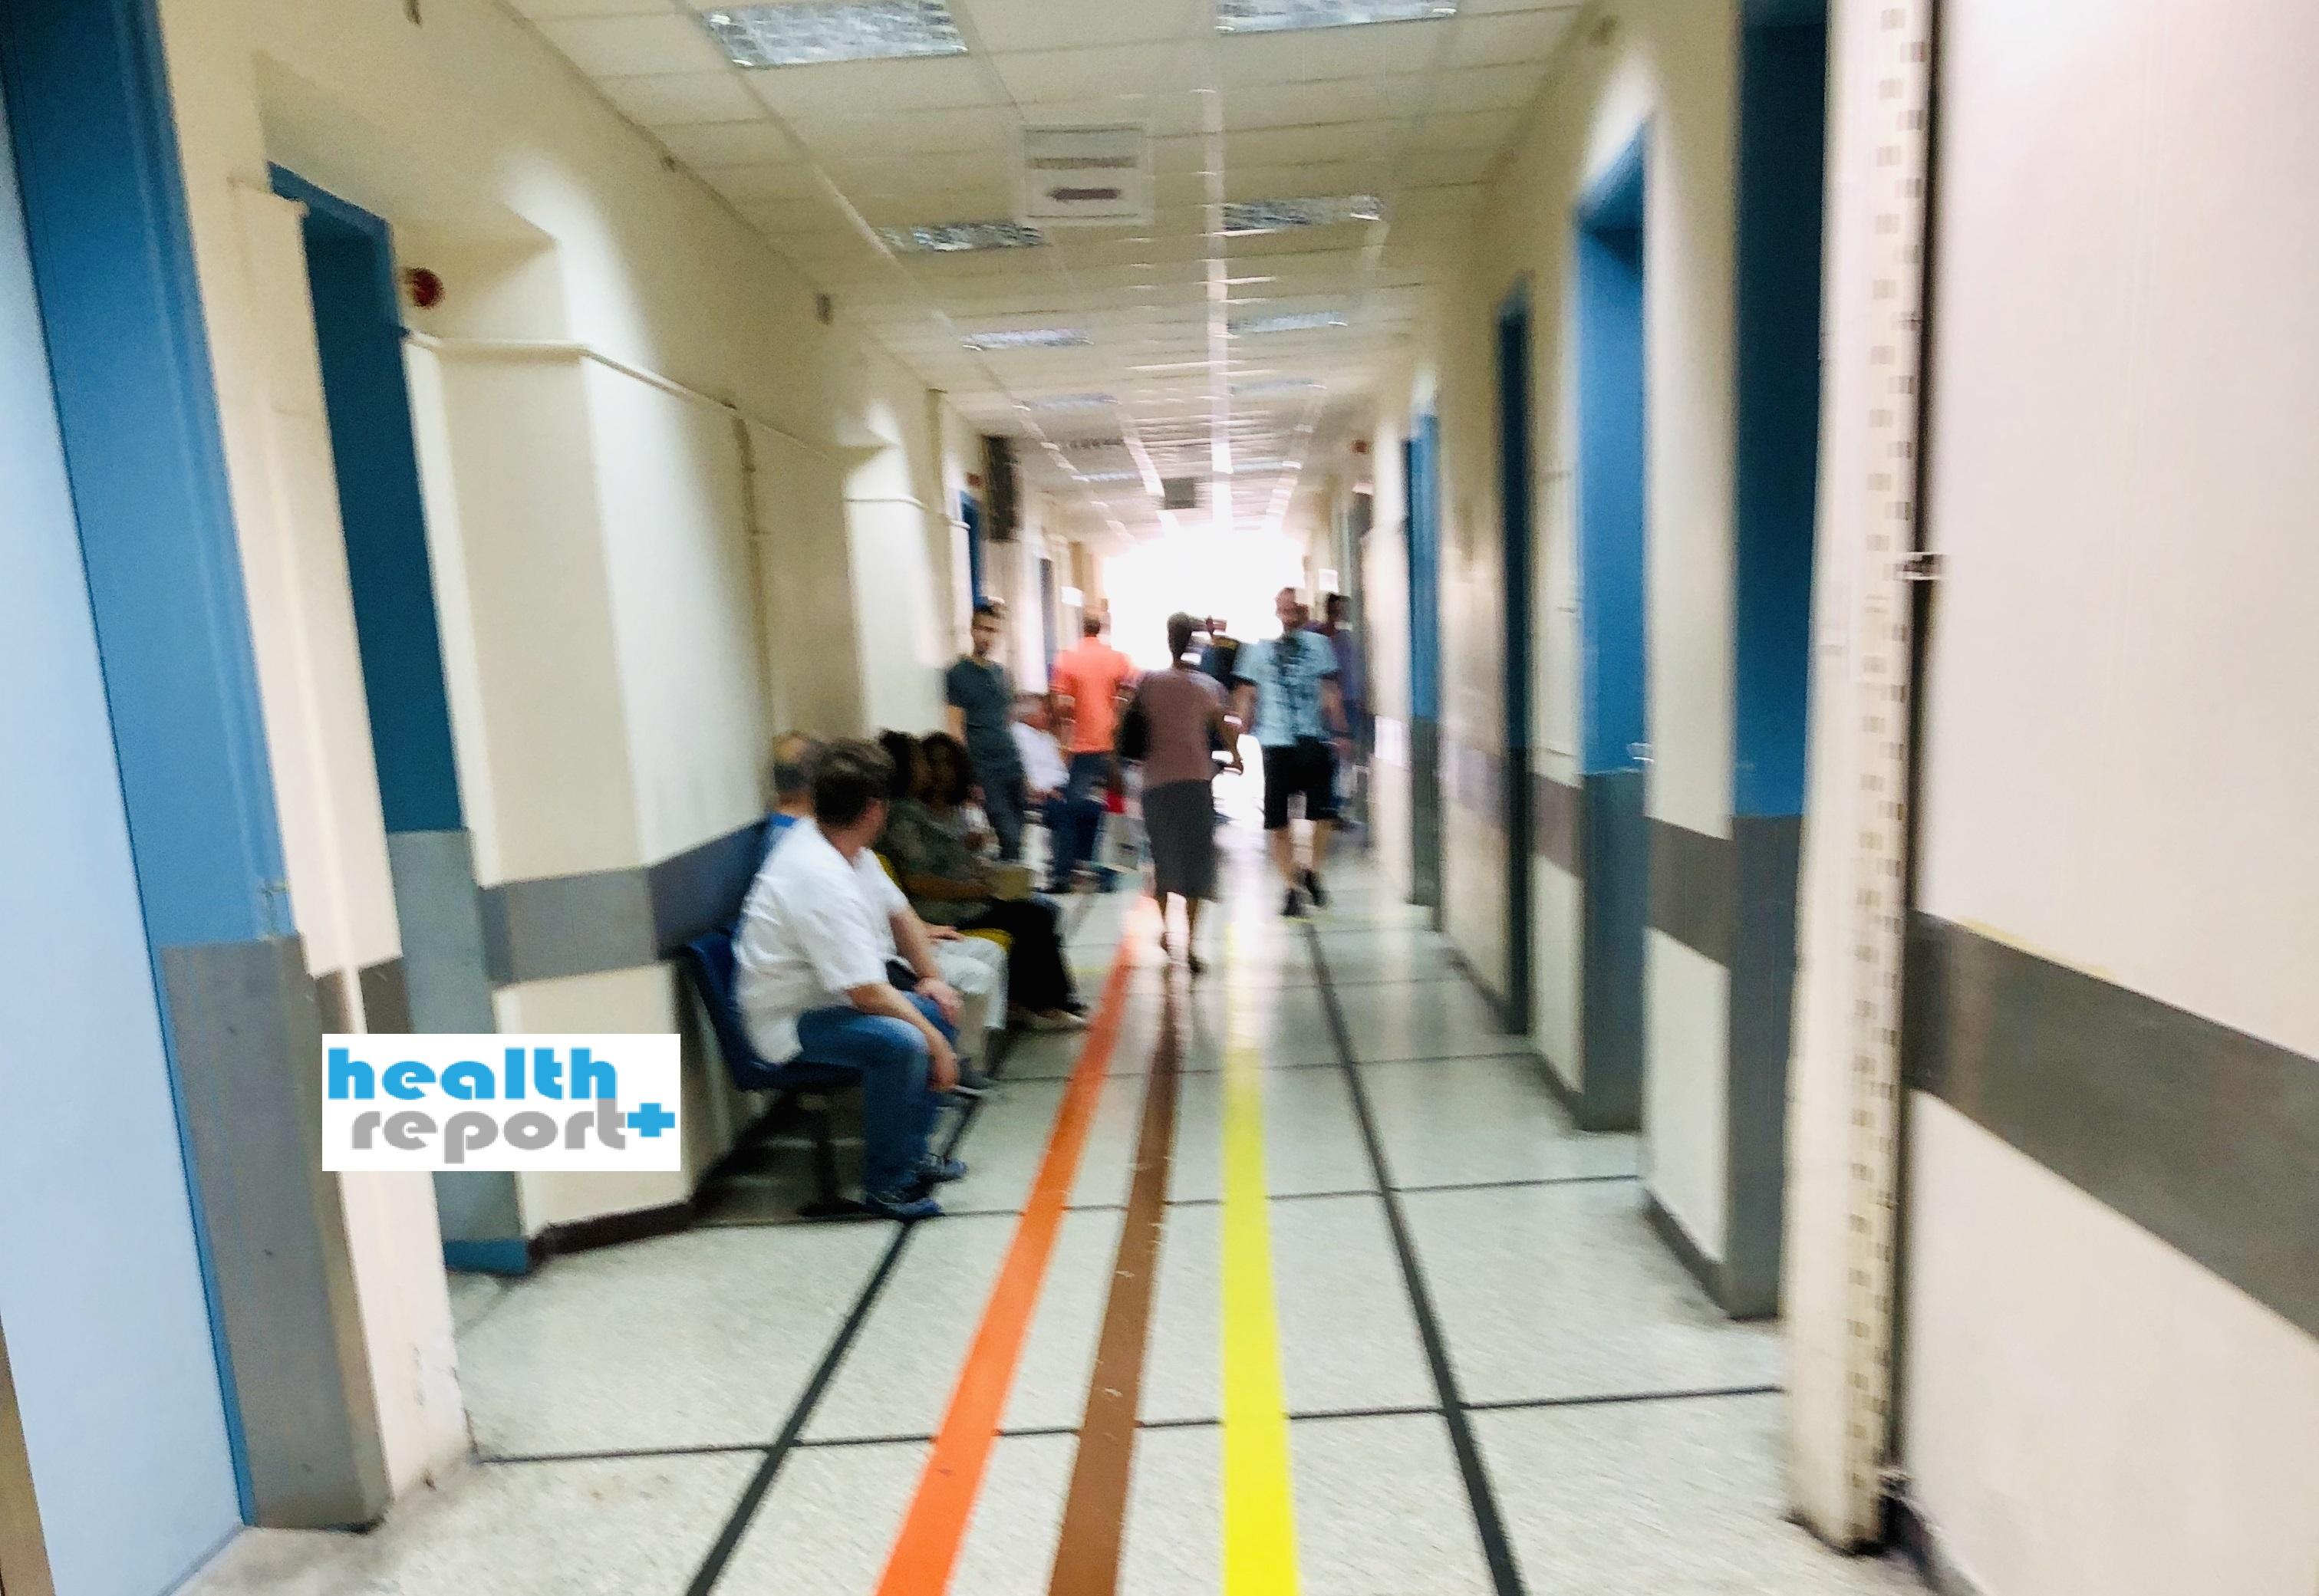 Διοικητές Νοσοκομείων: Επιταχύνονται οι διαδικασίες για την αλλαγή προσώπων! Τι προβλήματα προέκυψαν